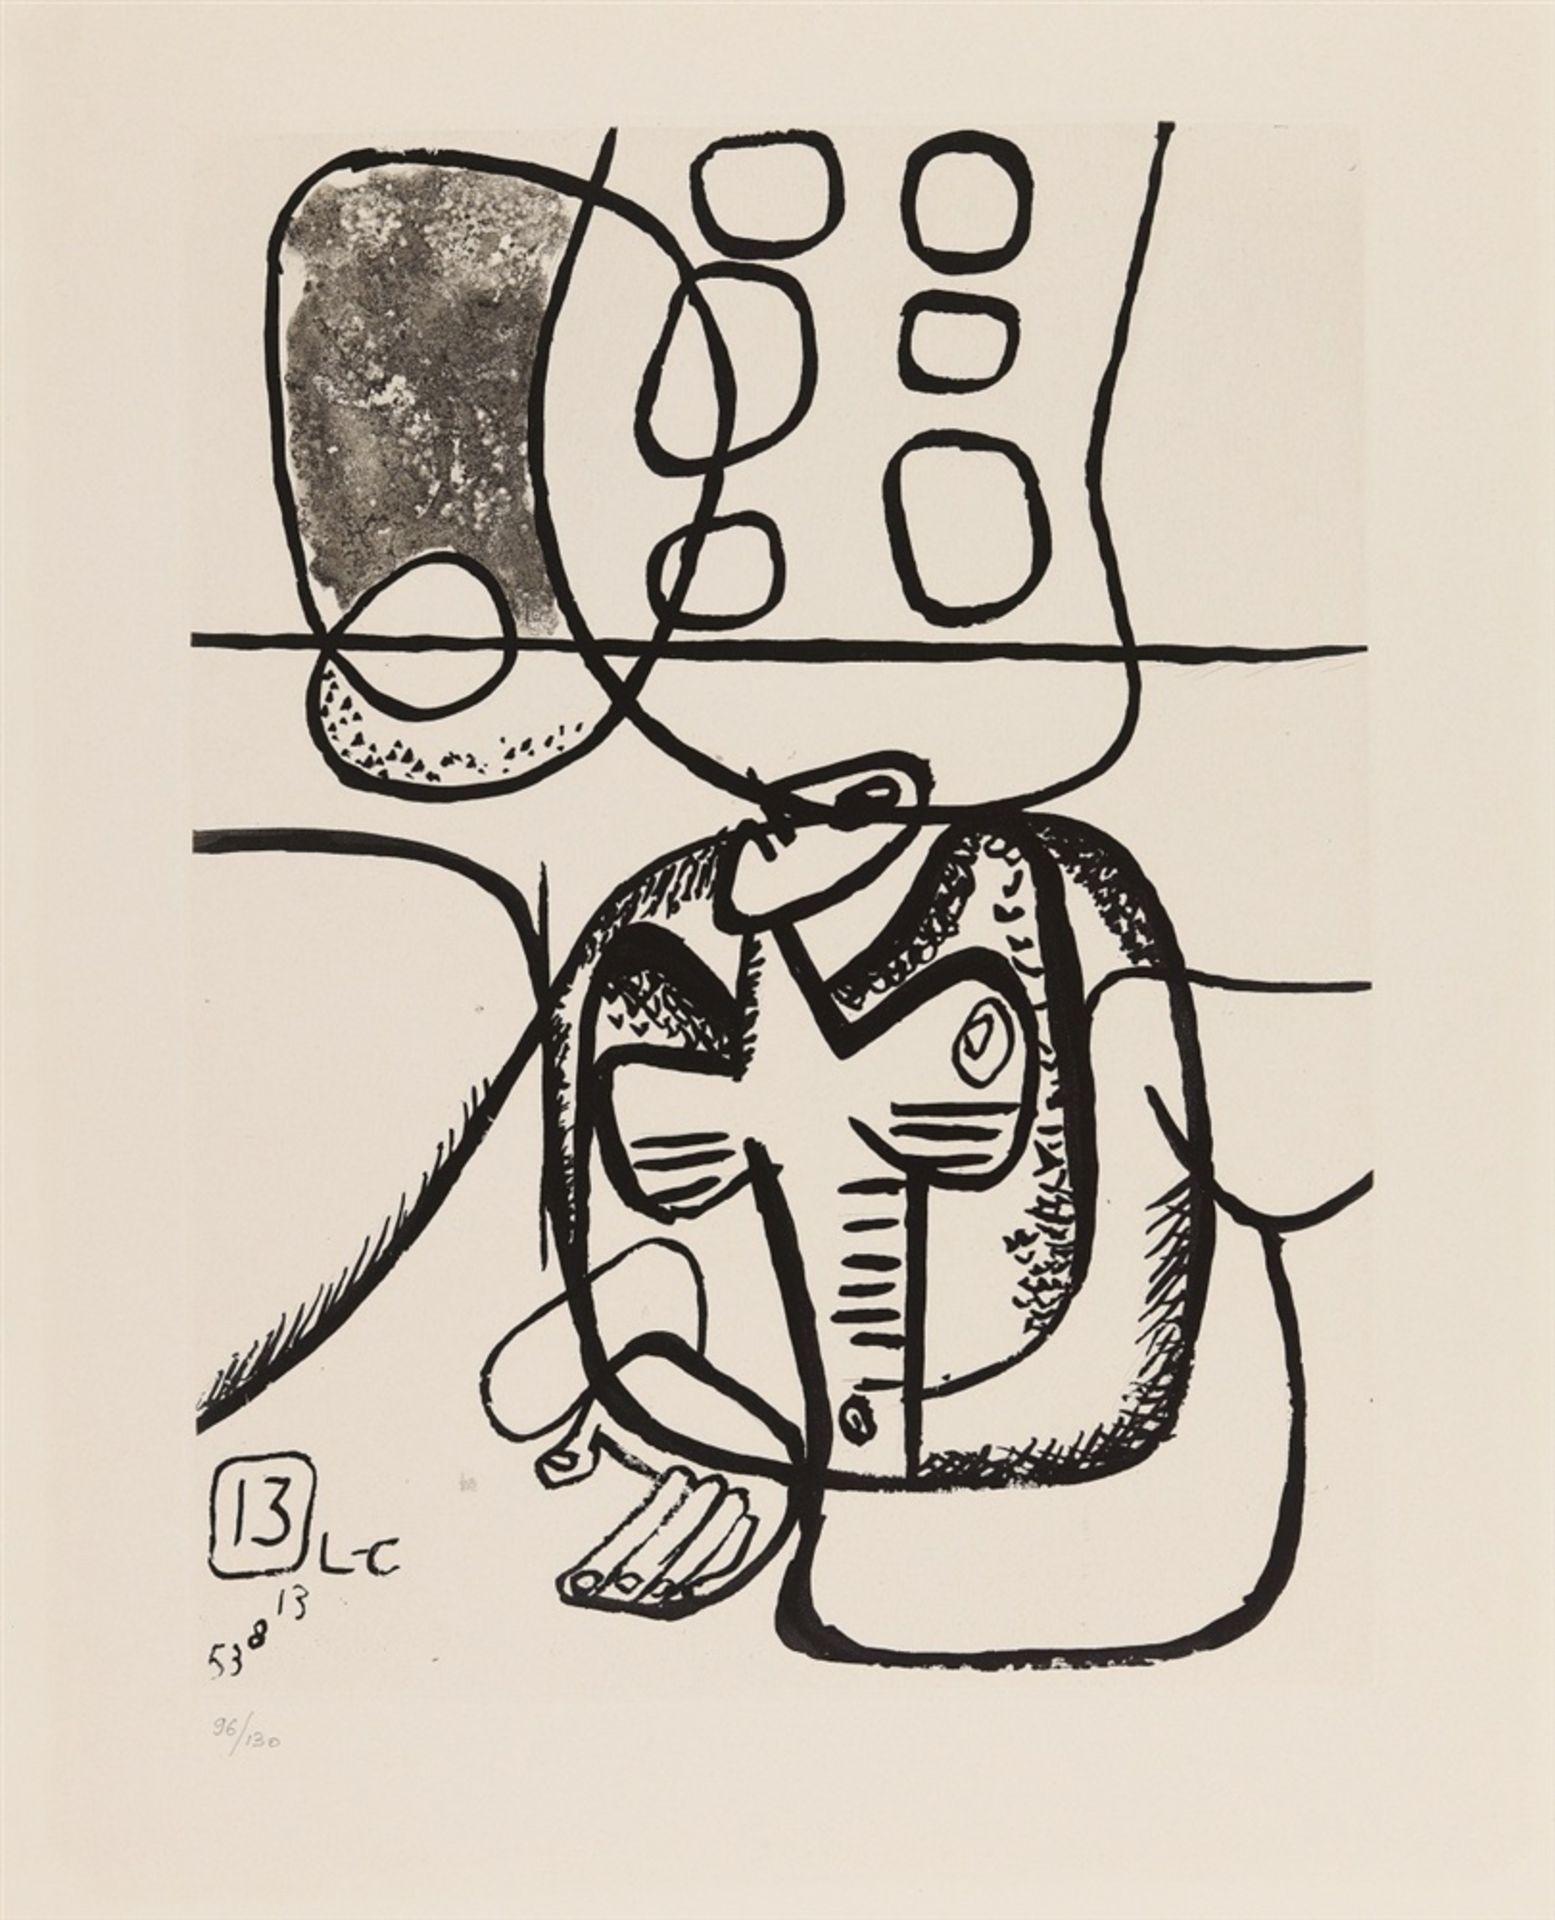 Le Corbusier (Charles-Édouard Jeanneret)Unité - Bild 13 aus 27